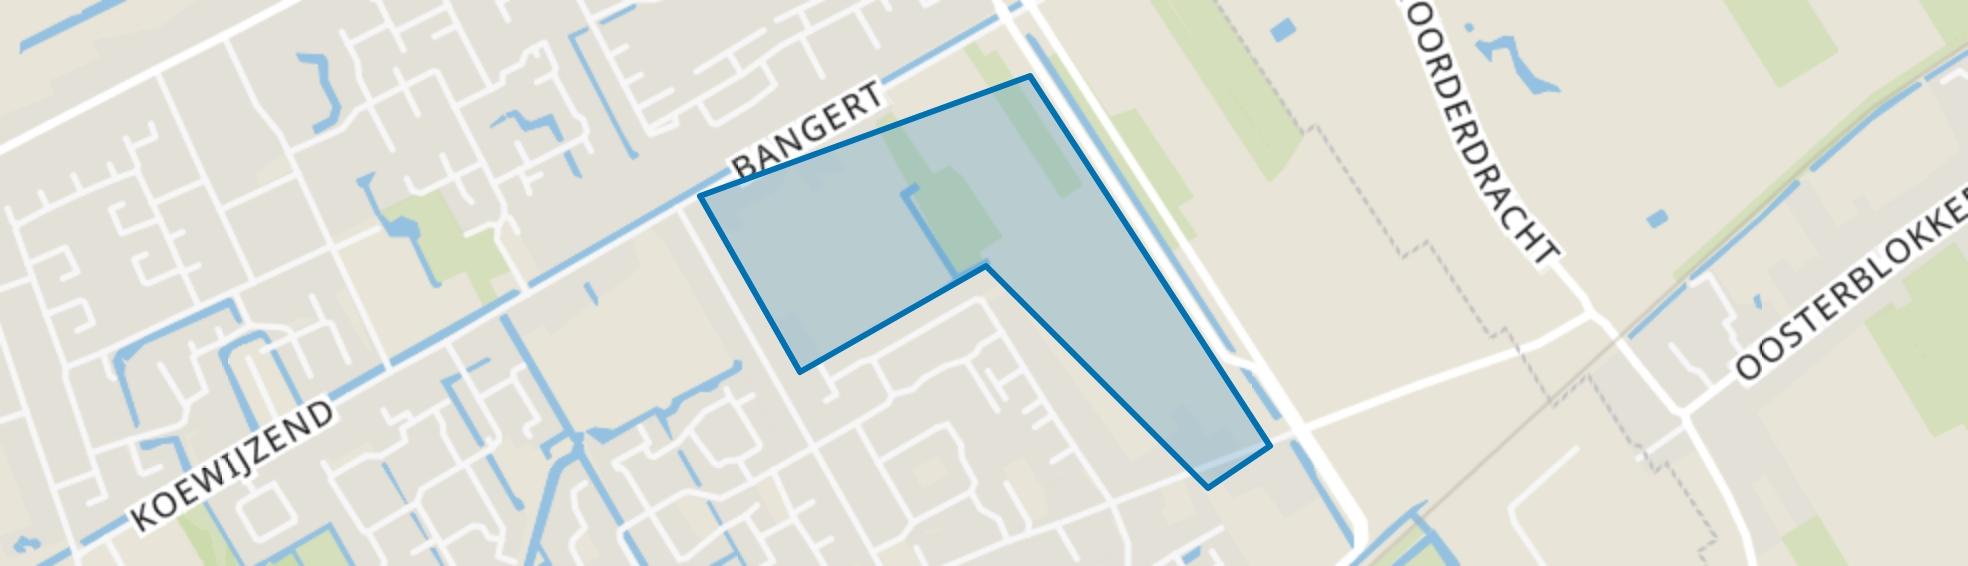 Bangert en Oosterpolder - Buurt 35 05, Blokker map